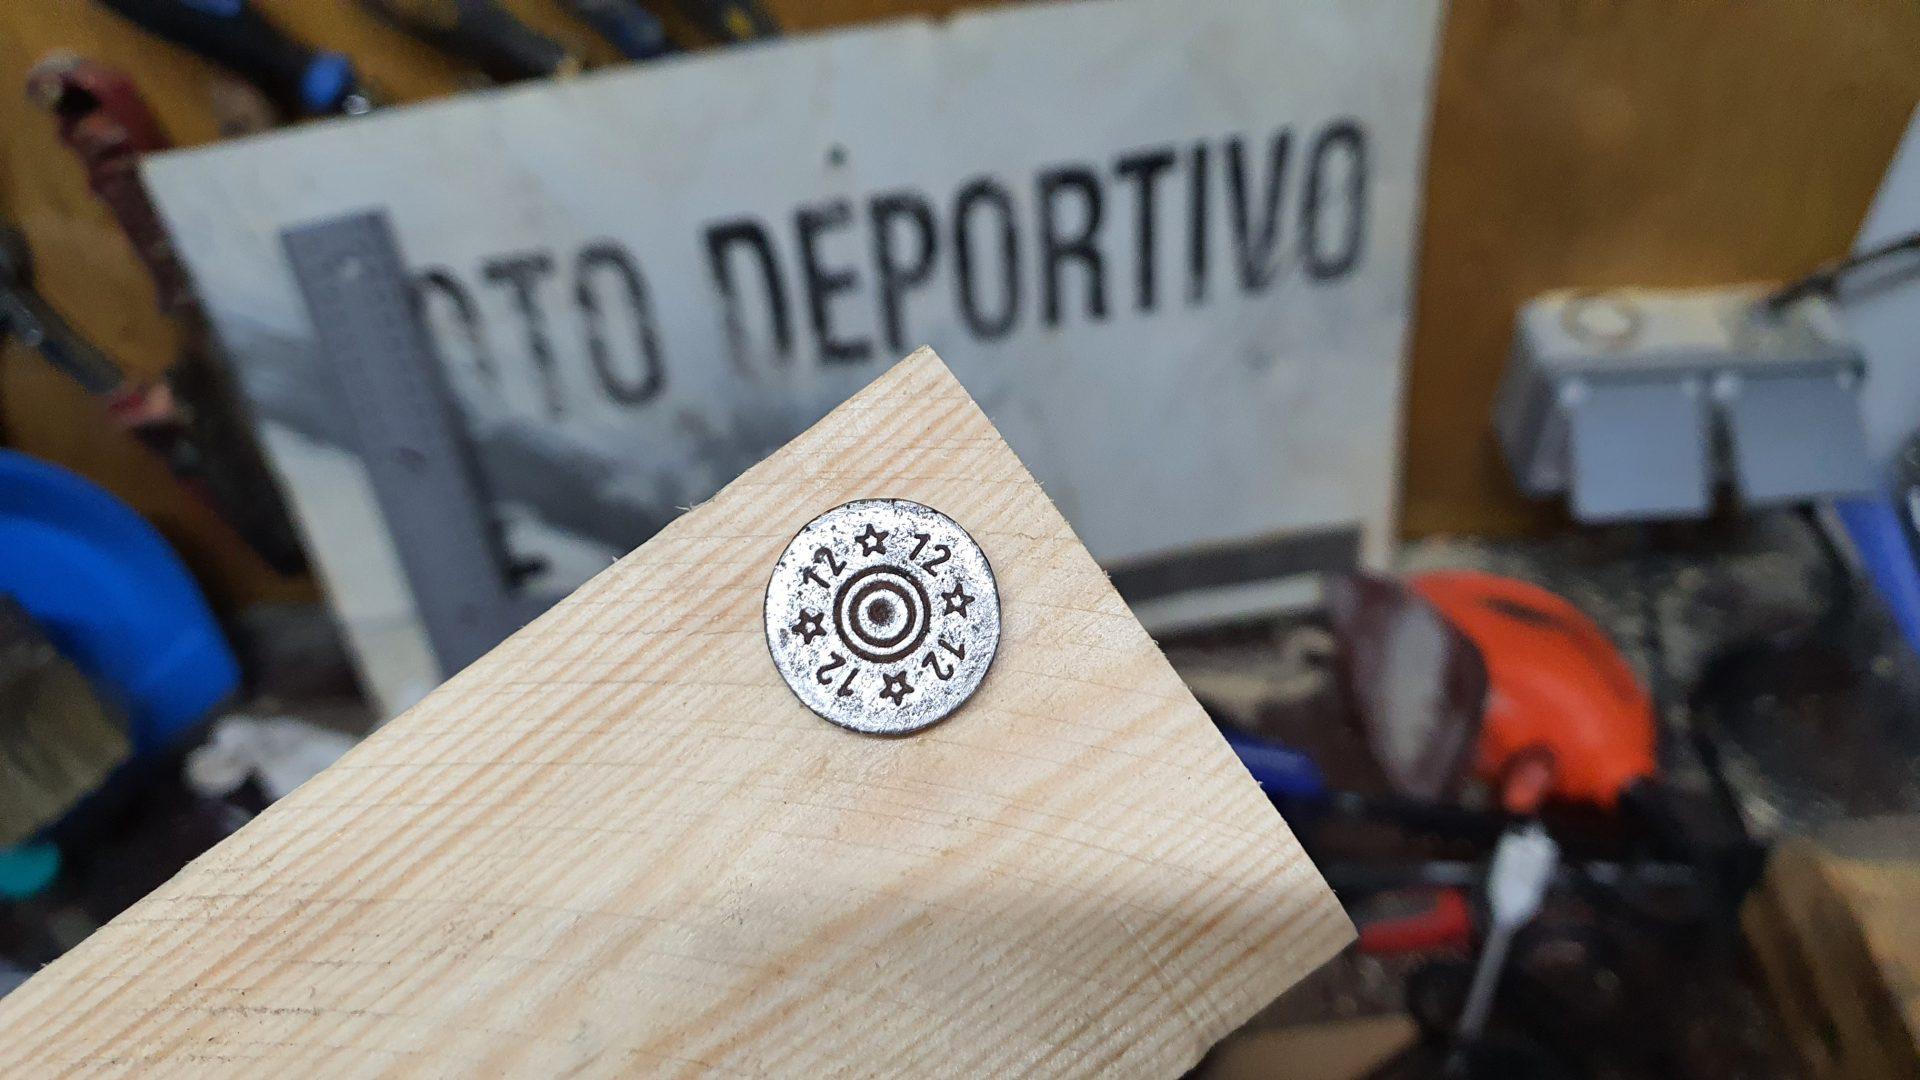 Detalle de un cartucho encastrado en la madera, se ve que son de calibre 12